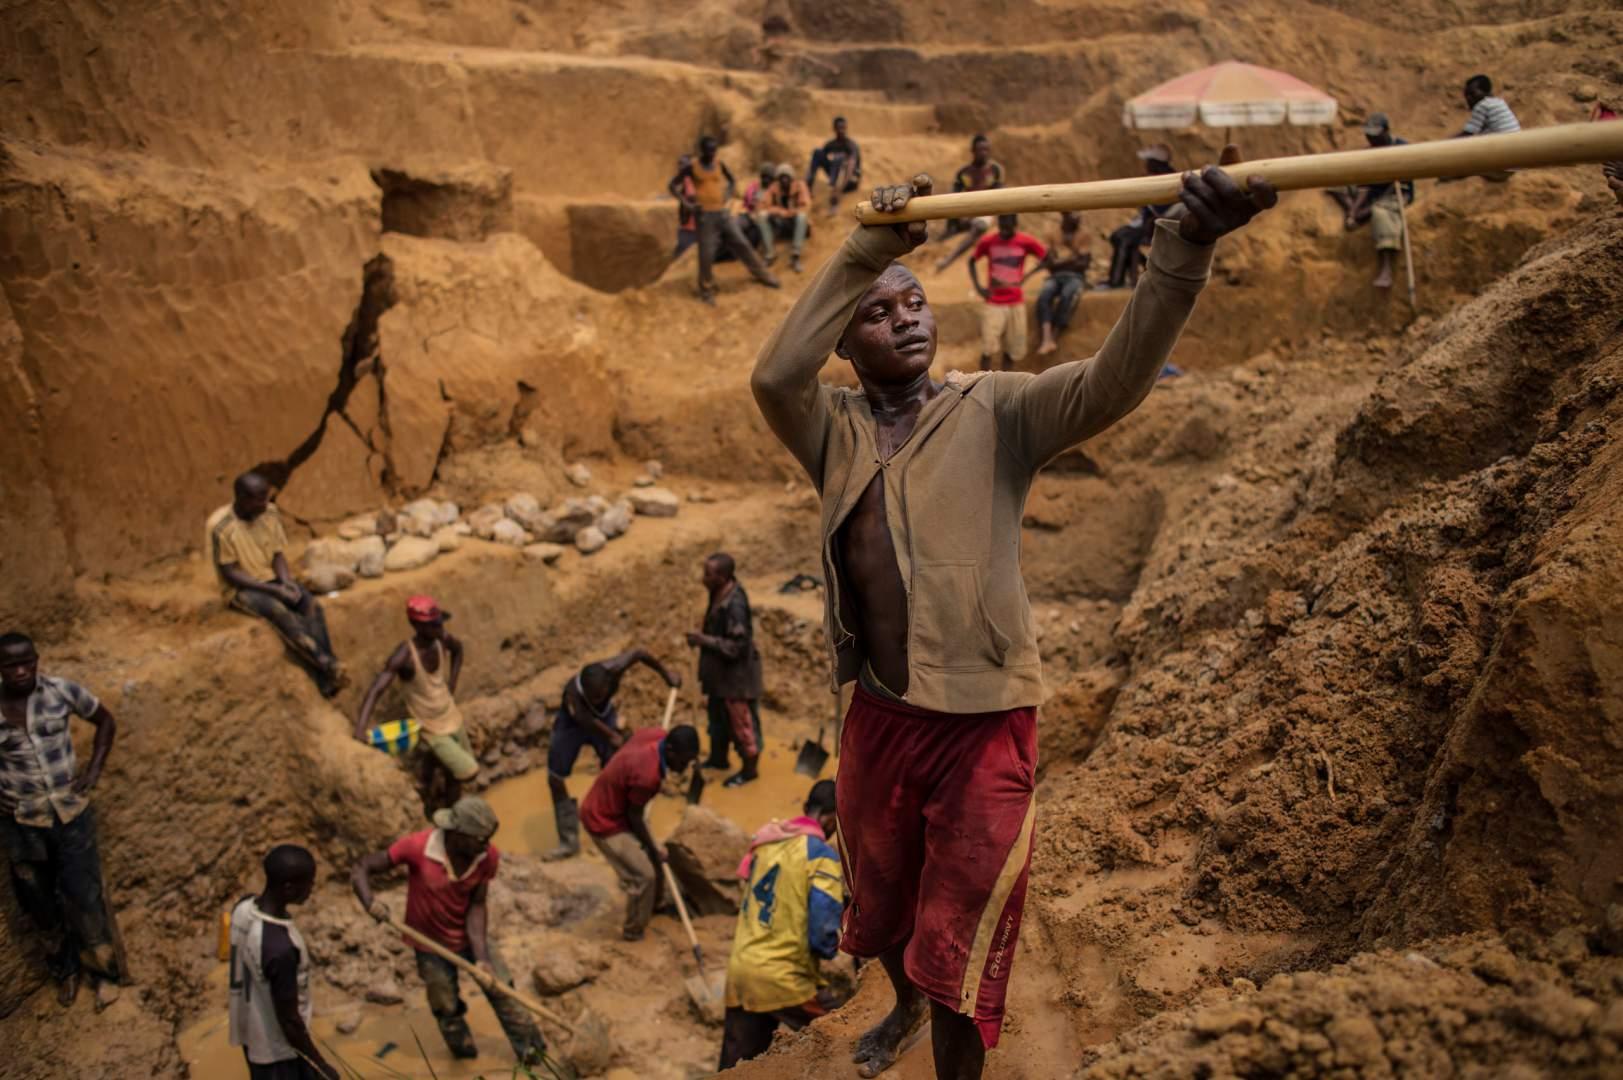 Добыча алмазов в Демокартической Республике Конго. Фото № 11